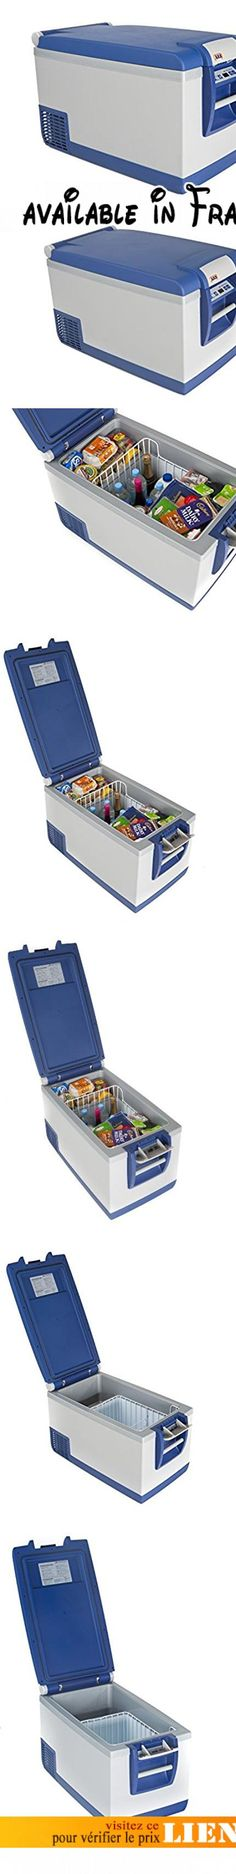 ARB Refrigerateur Congelateur Portable 78L. Capacité 78L. Garantie 3 ans. Capacité de froid à -18. Faible consommation de courant. Cloison en acier #Automotive Parts and Accessories #AUTO_ACCESSORY